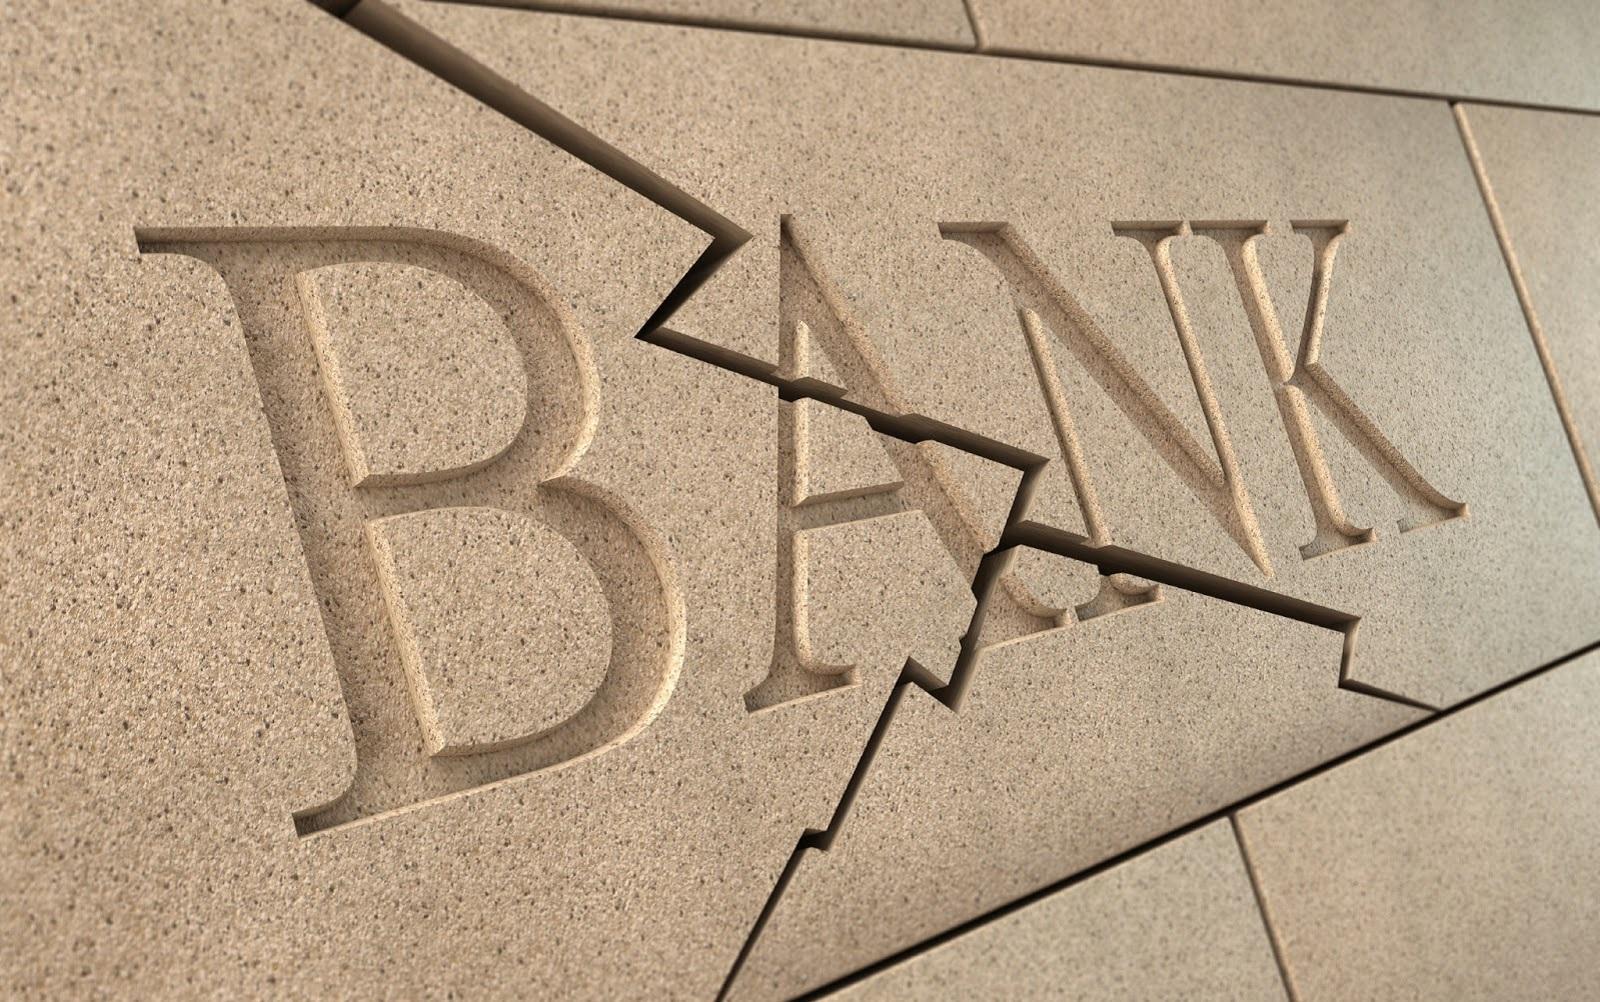 Как распознать ненадежный банк: советы юриста